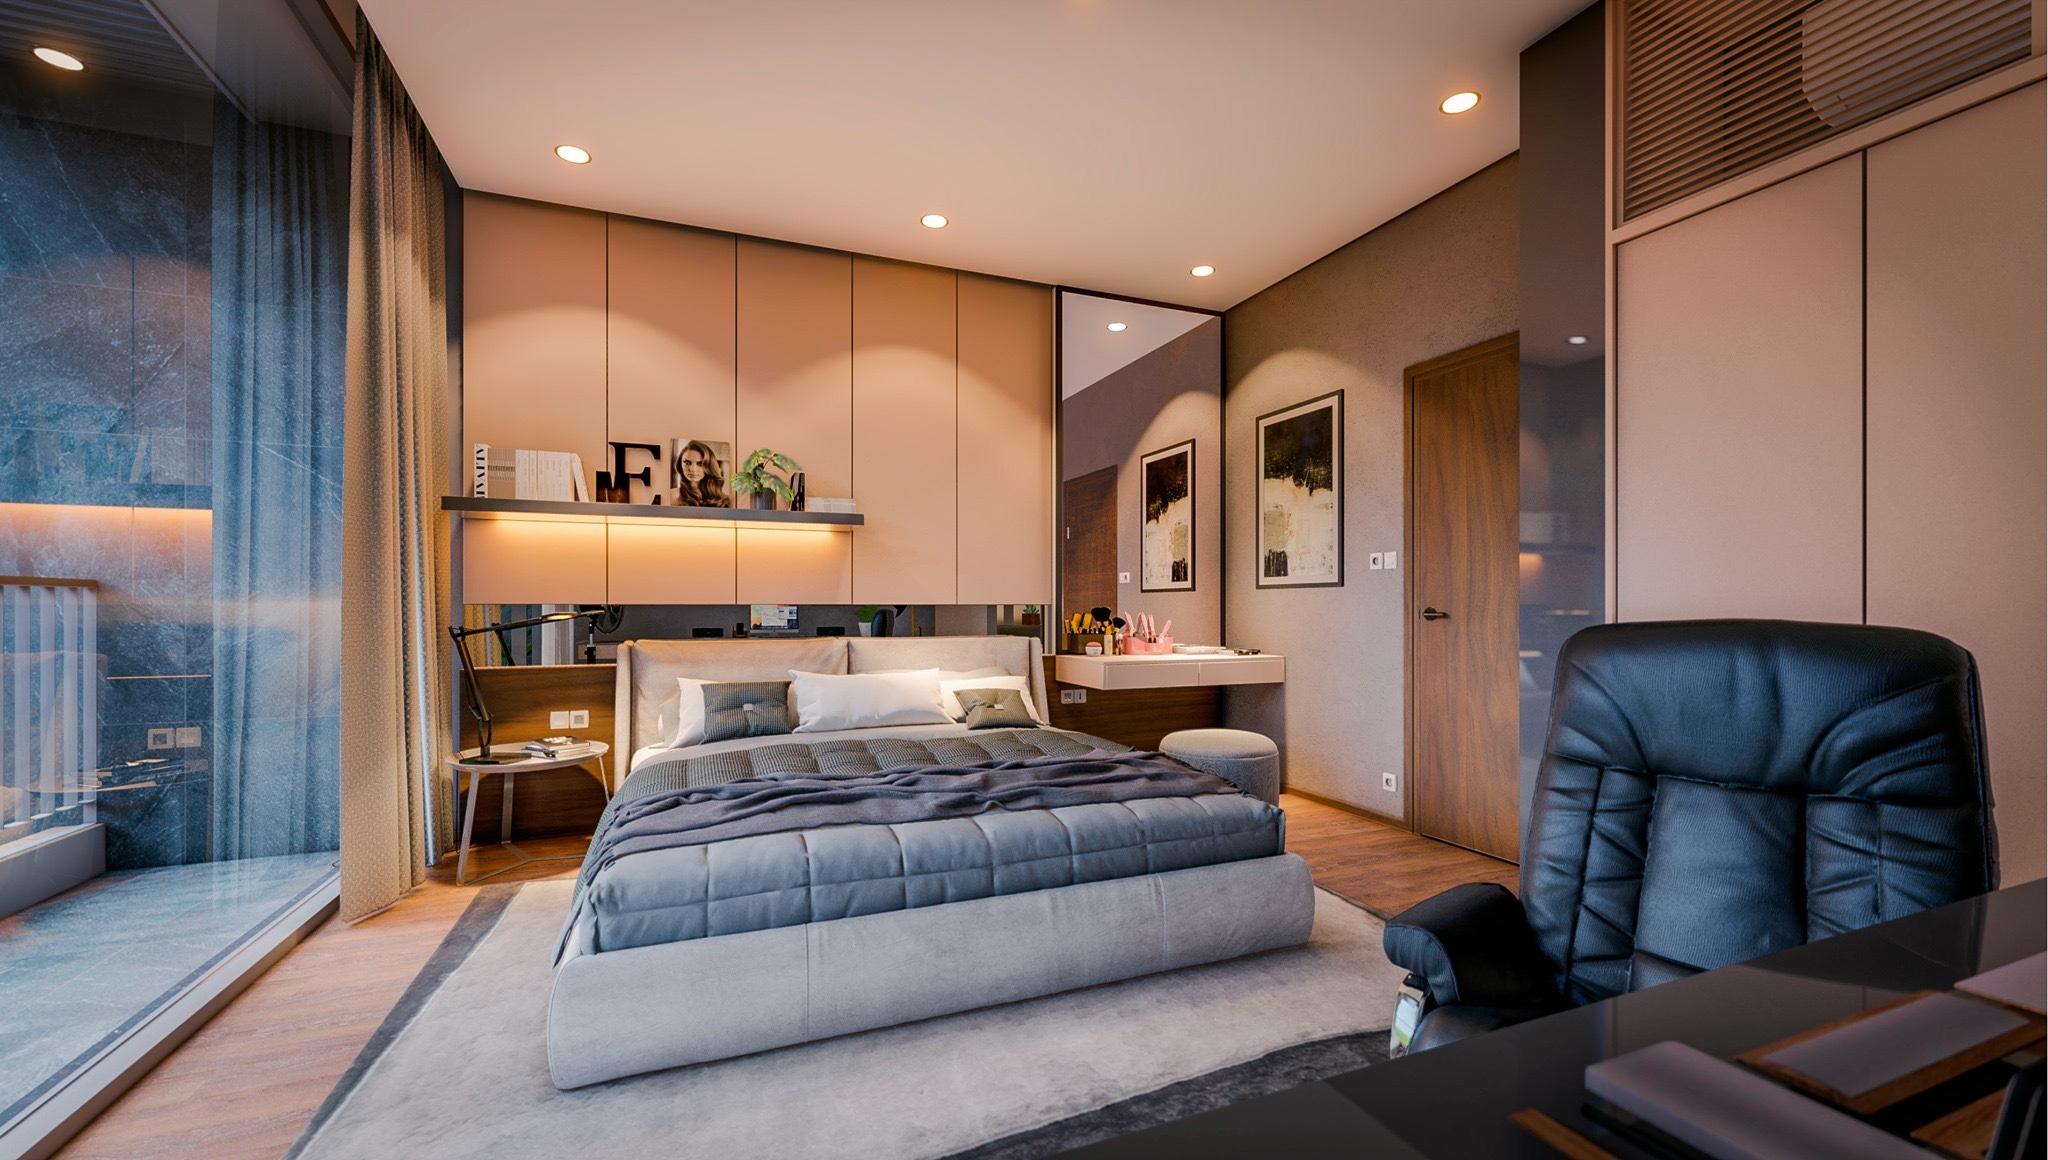 möbel design mit 3d rendern